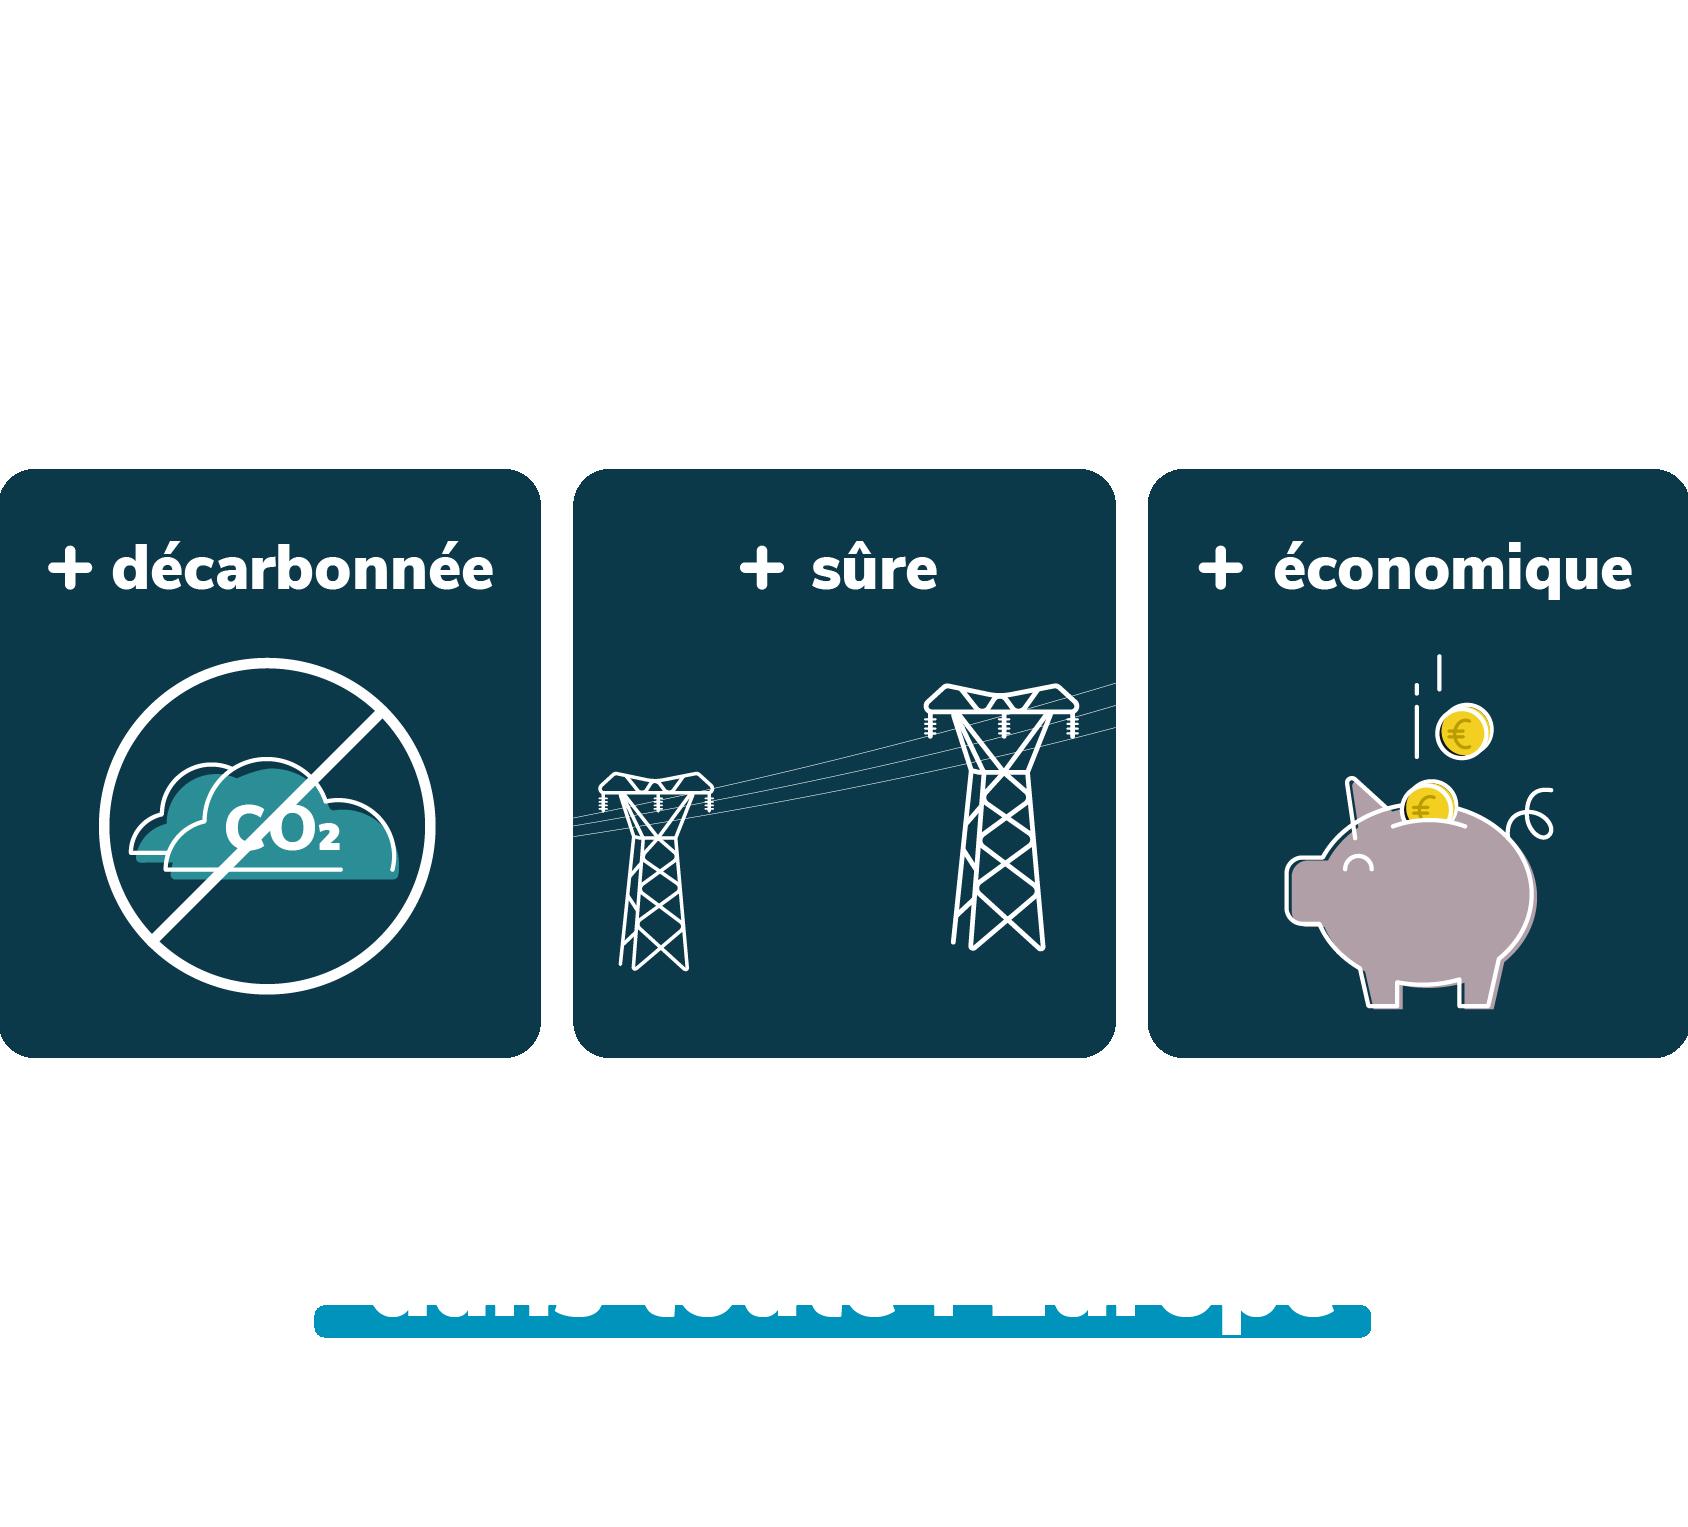 Electricité sûre décarbonée et économique